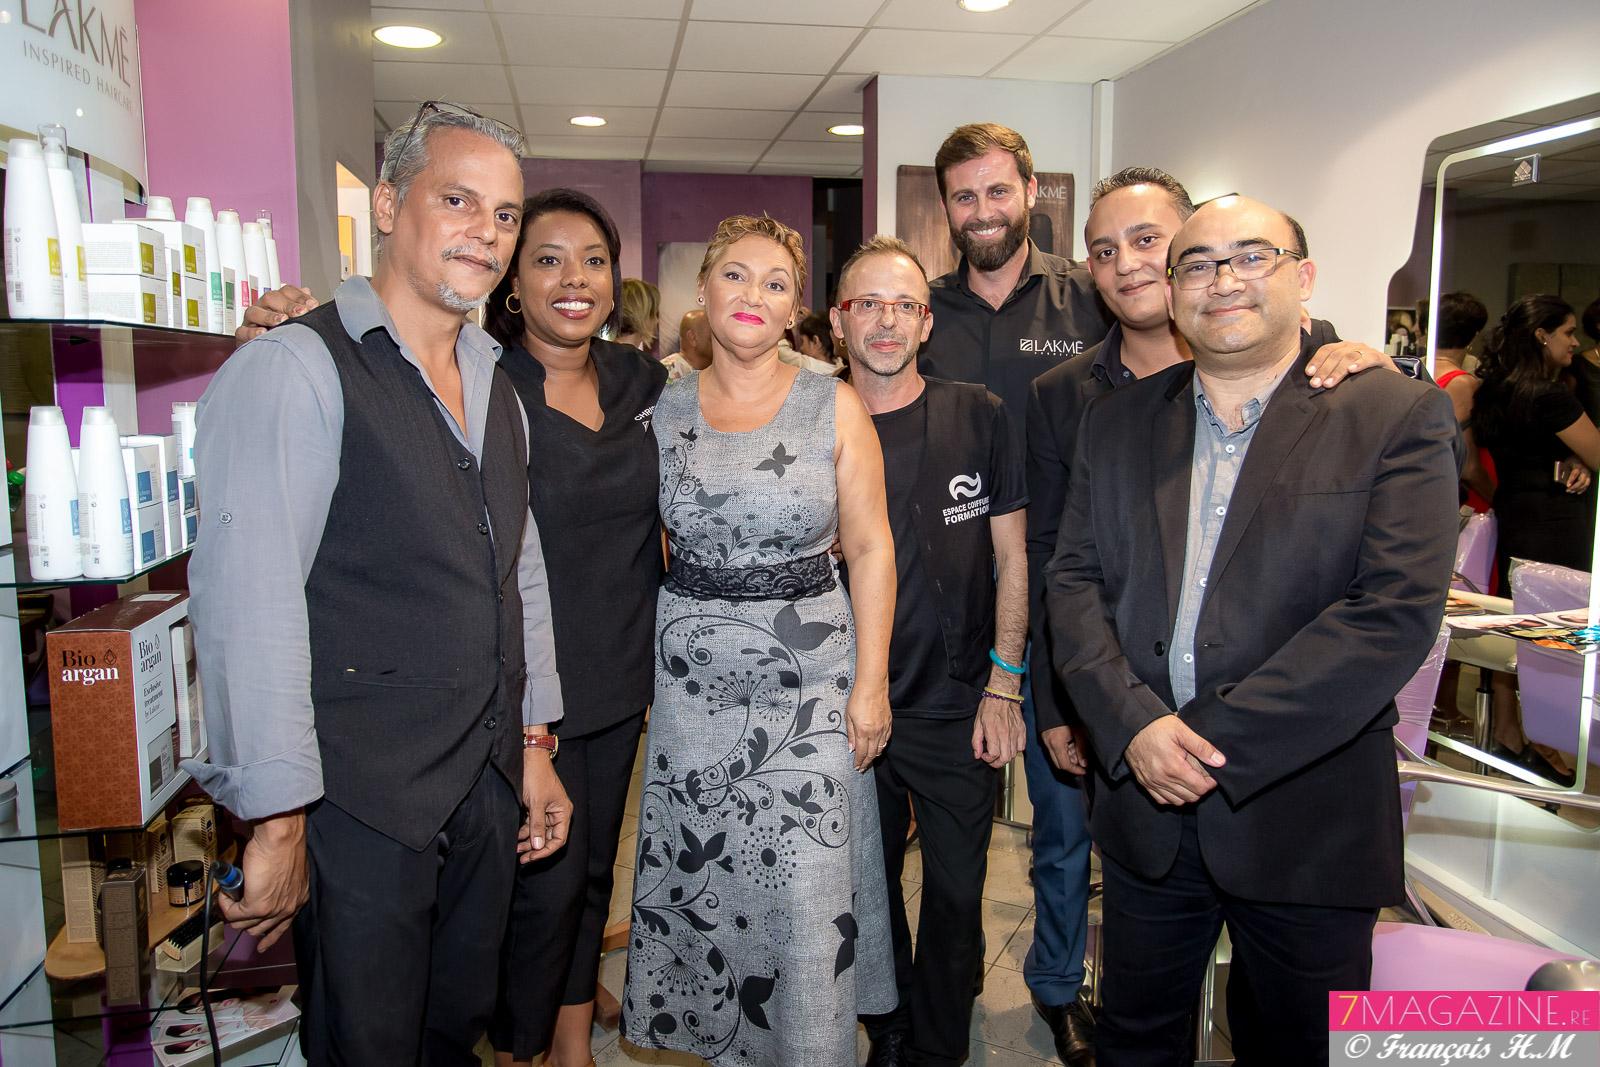 La photo de famille, Félix Manent et Joseph Alidor entourant leur équipe